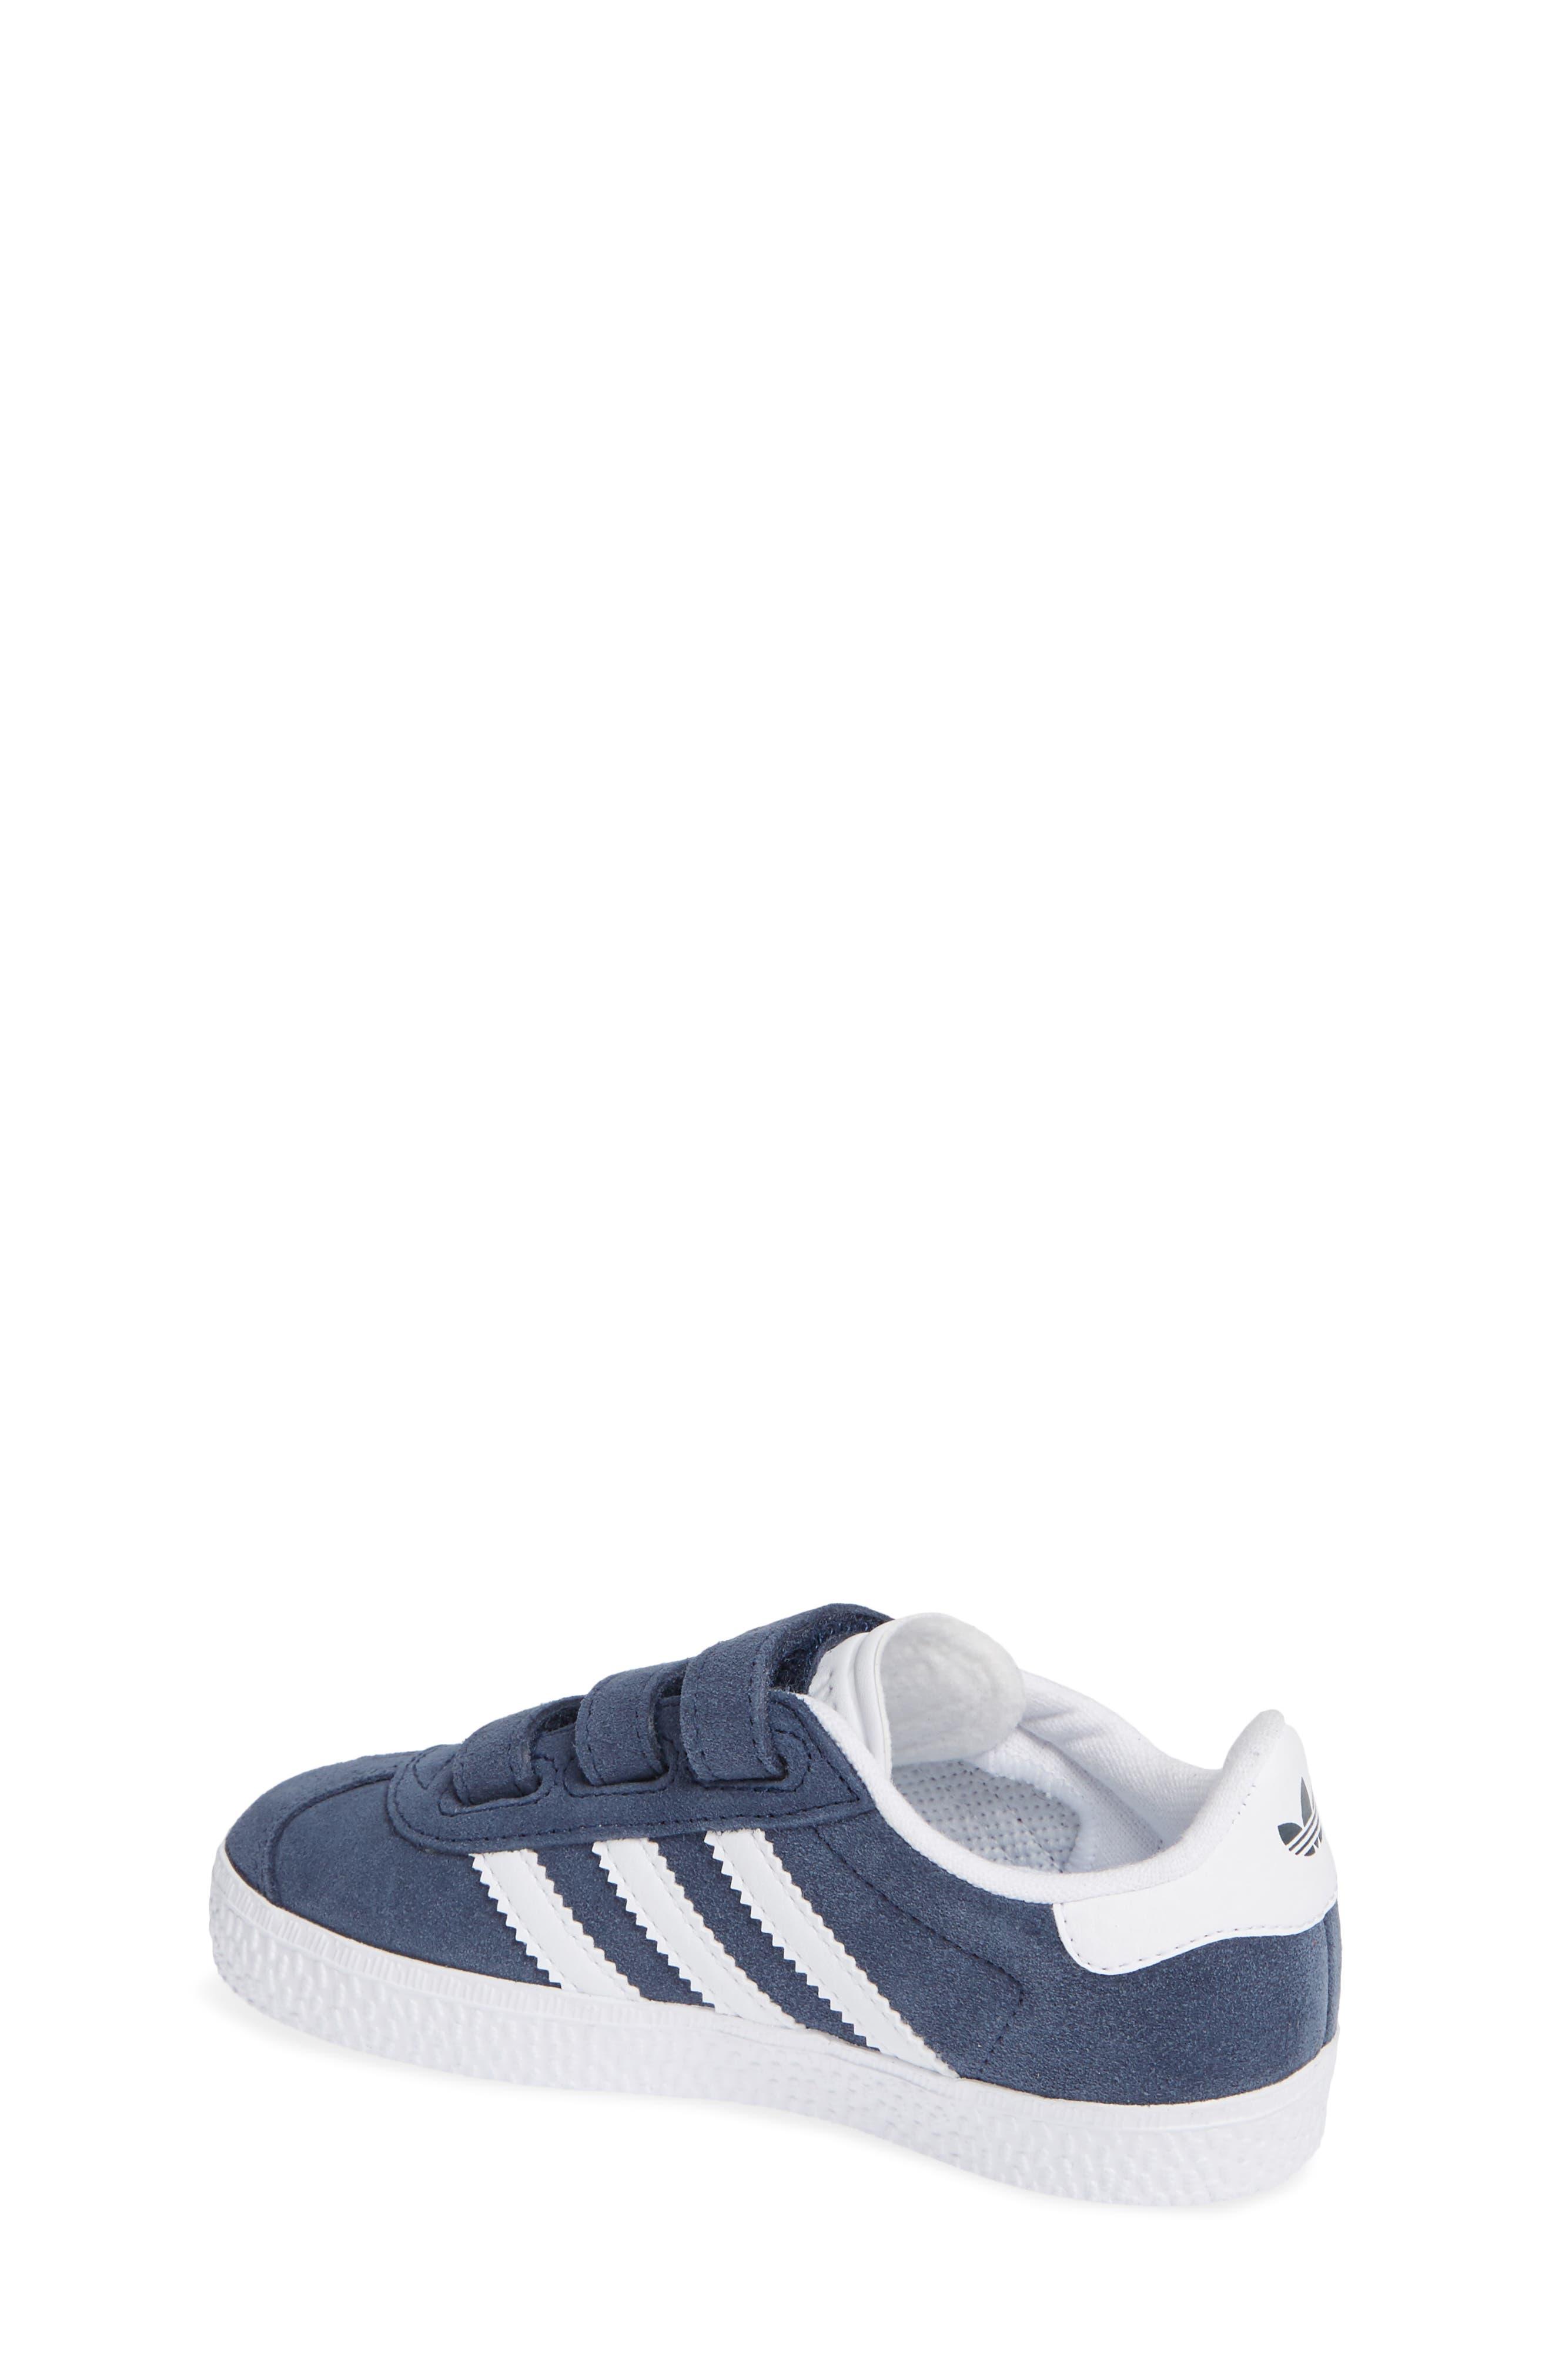 Gazelle Sneaker,                             Alternate thumbnail 2, color,                             NAVY/ WHITE